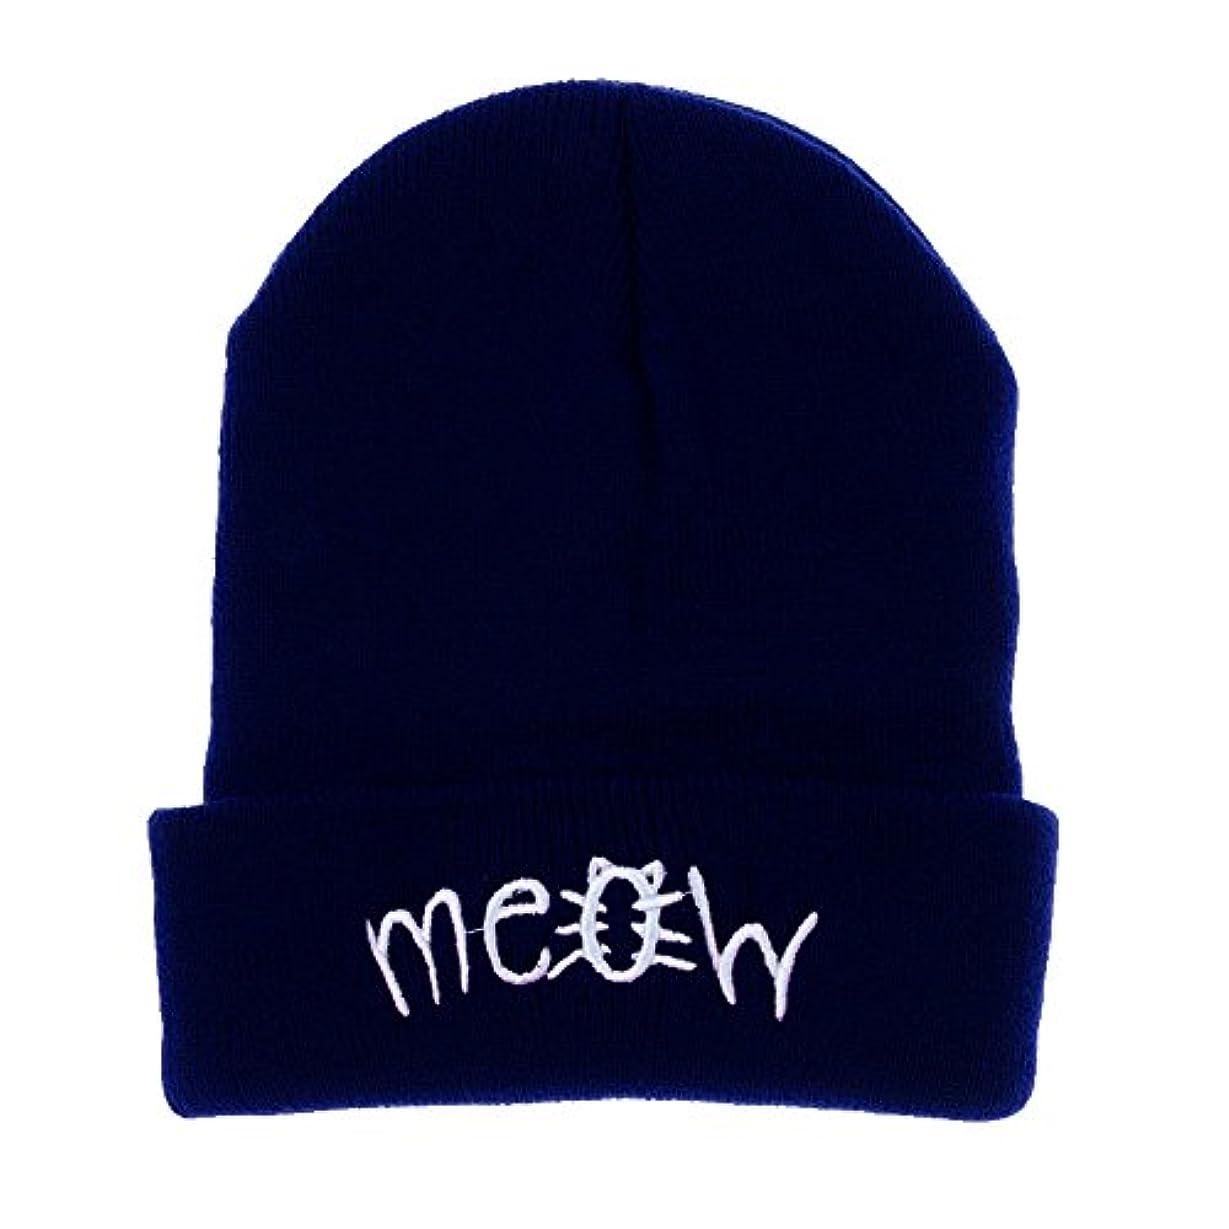 等しい抽象悪因子Racazing 選べる4色 ニット帽 縮らす 英語の刺繍 ニット帽 防寒対策 通気性のある 防風 暖かい 軽量 屋外 スキー 自転車 クリスマス 編み物 Hat 男女兼用 (ネービー)